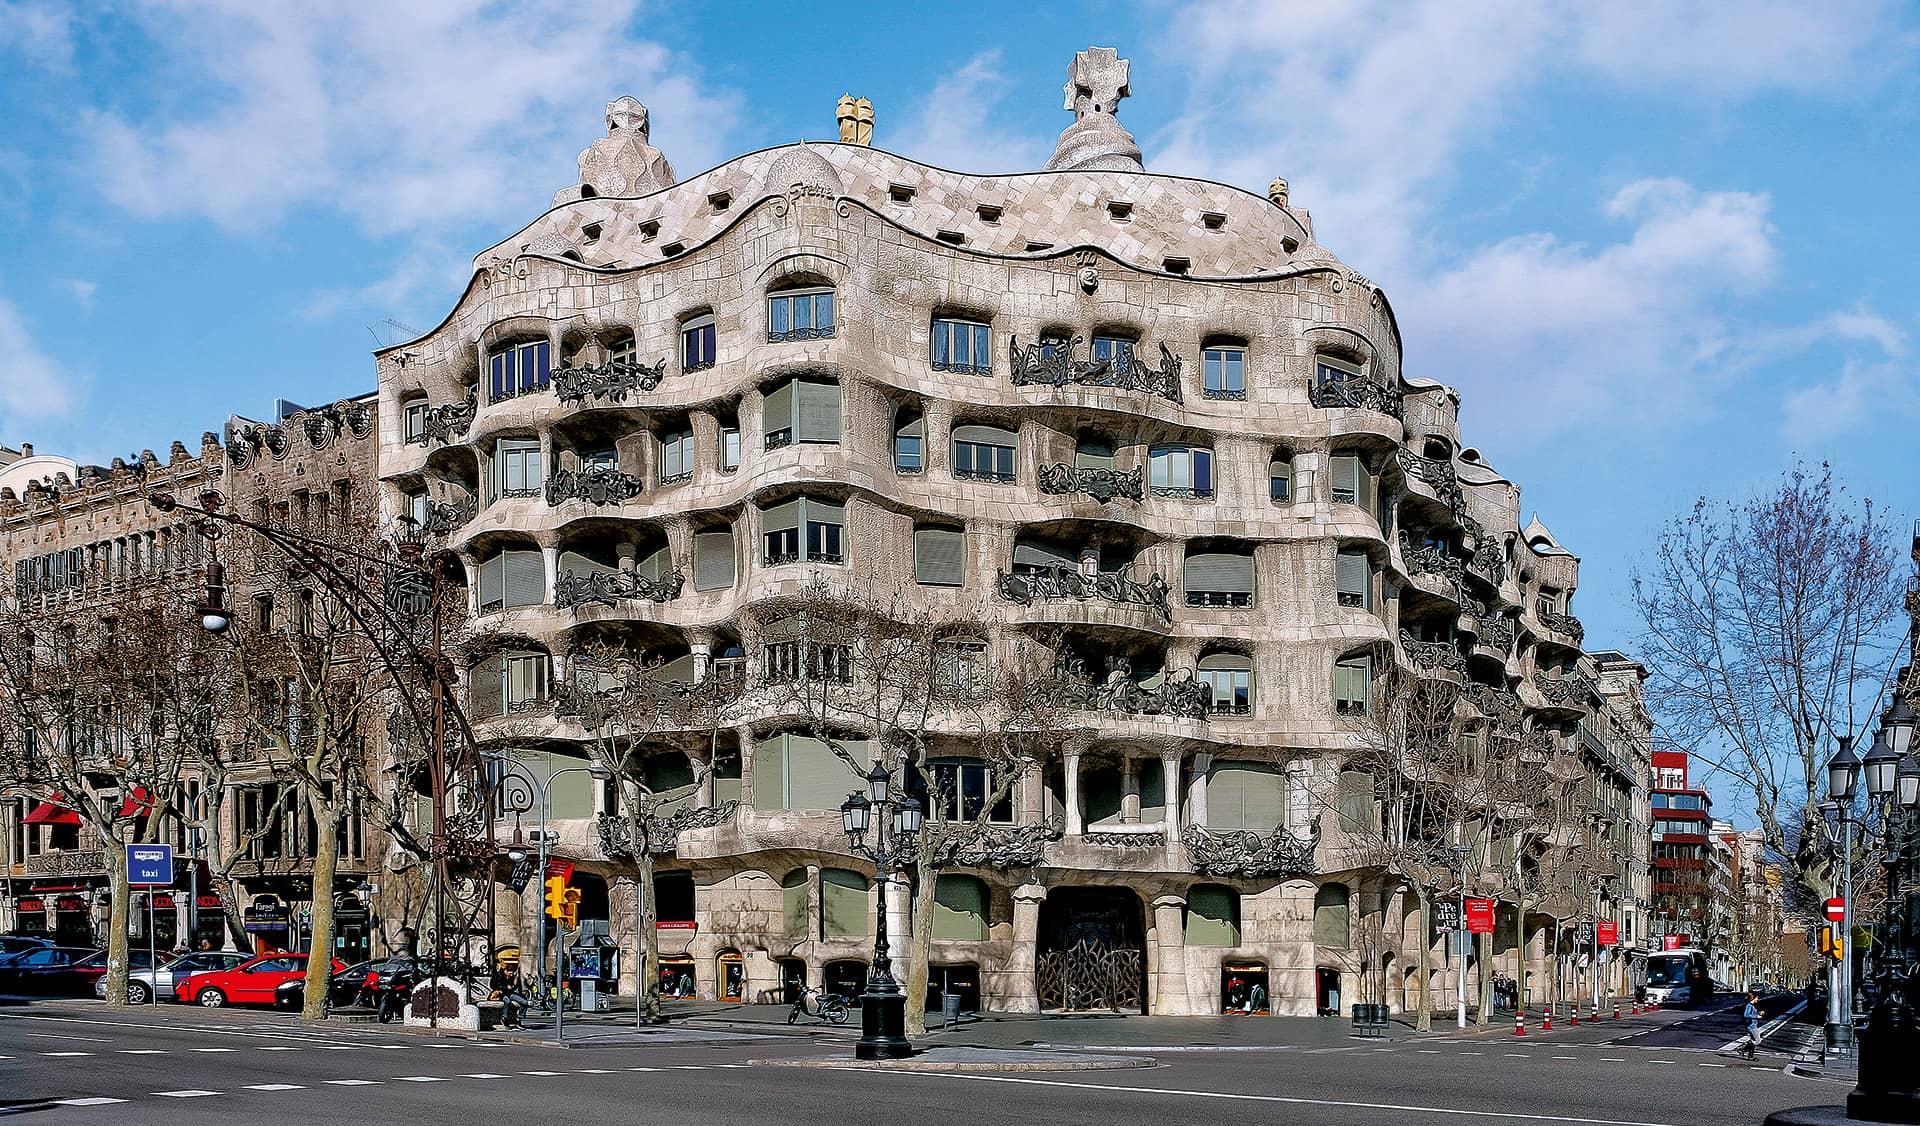 Fachada principal de La Pedrera de Antoni Gaudí